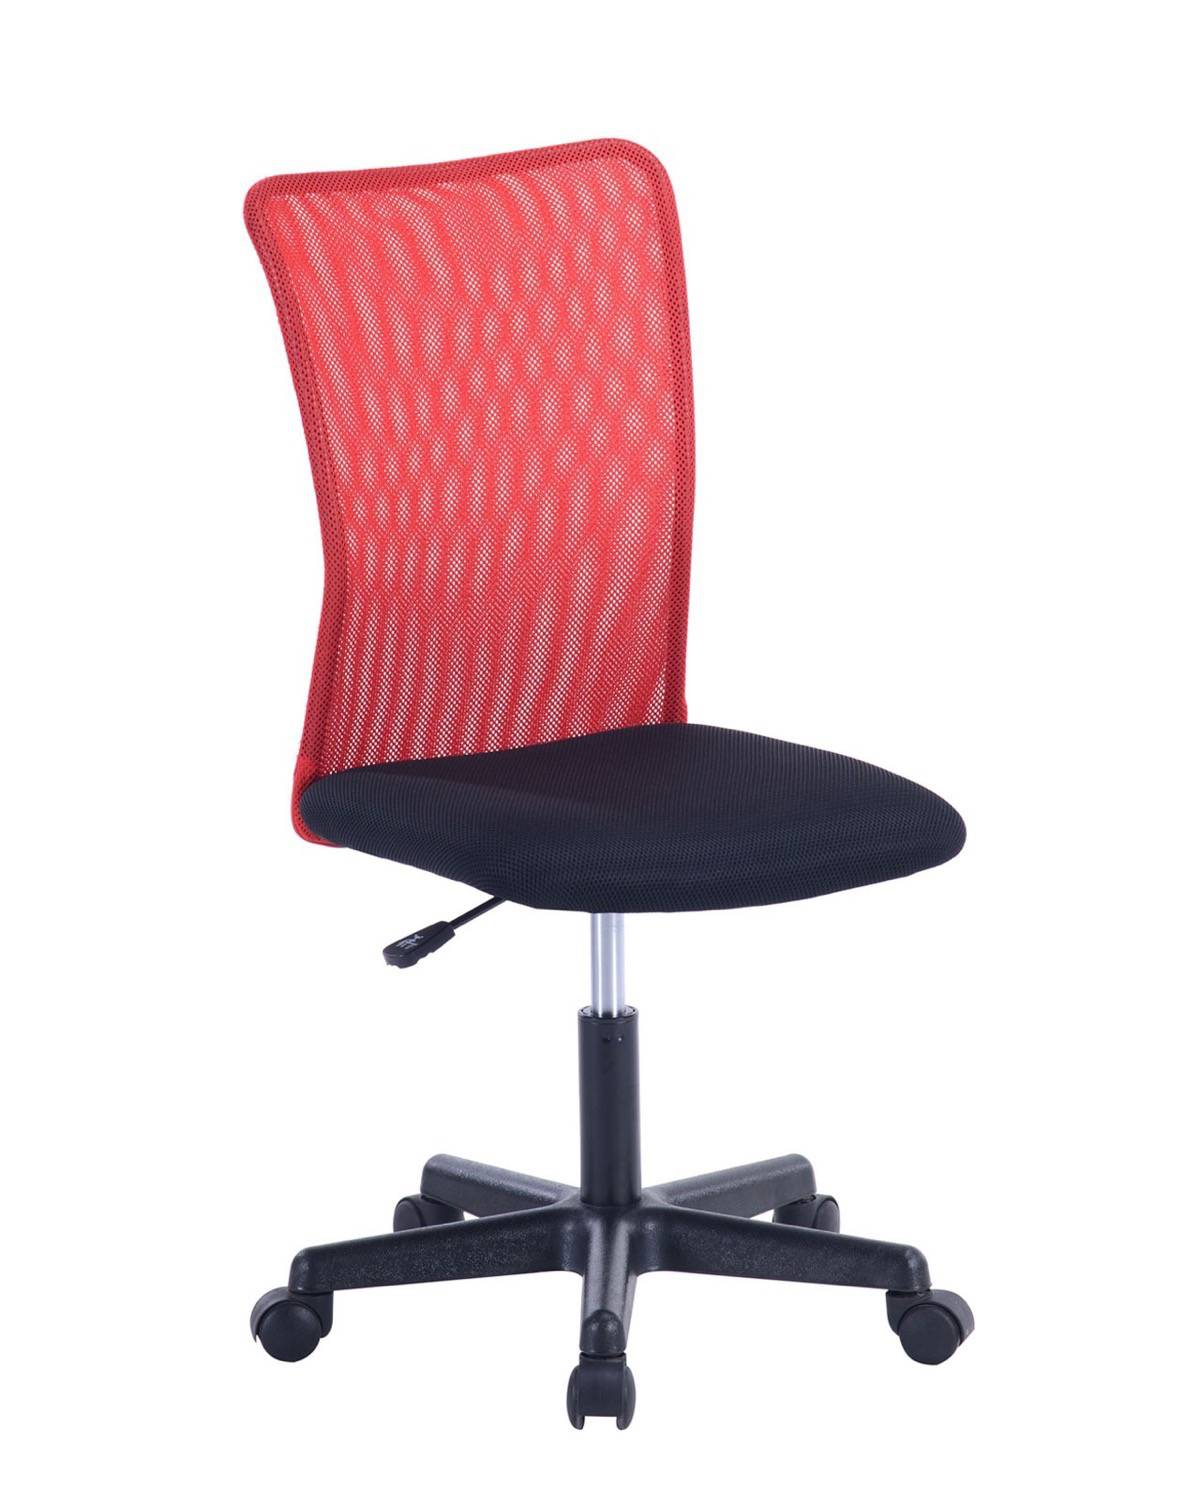 chaise de bureau junior et enfant prix malins. Black Bedroom Furniture Sets. Home Design Ideas